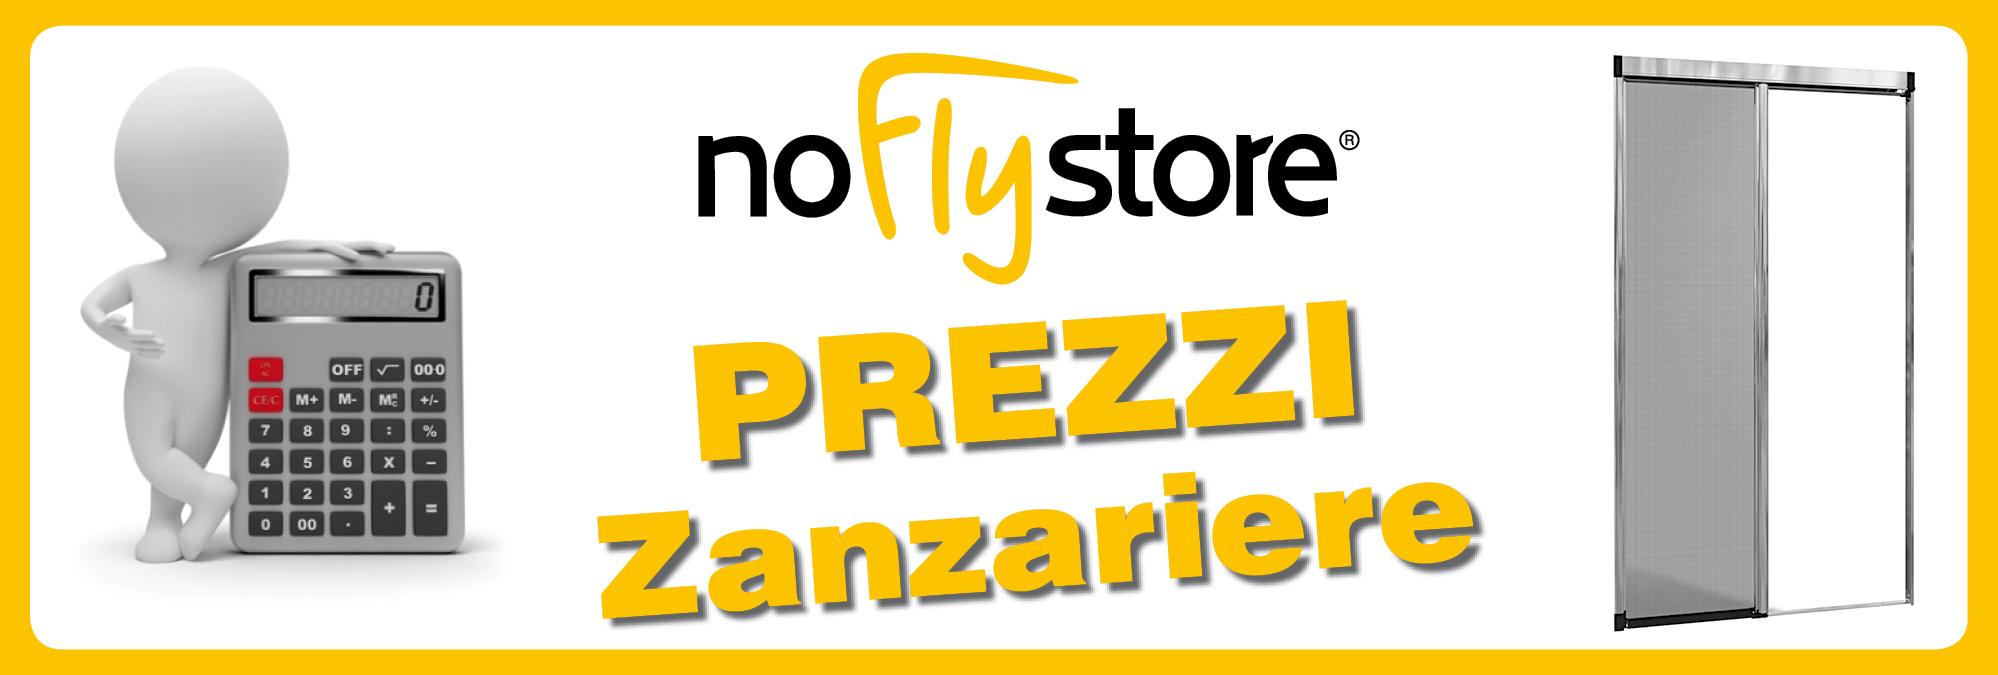 Prezzi delle zanzariere NoFlyStore